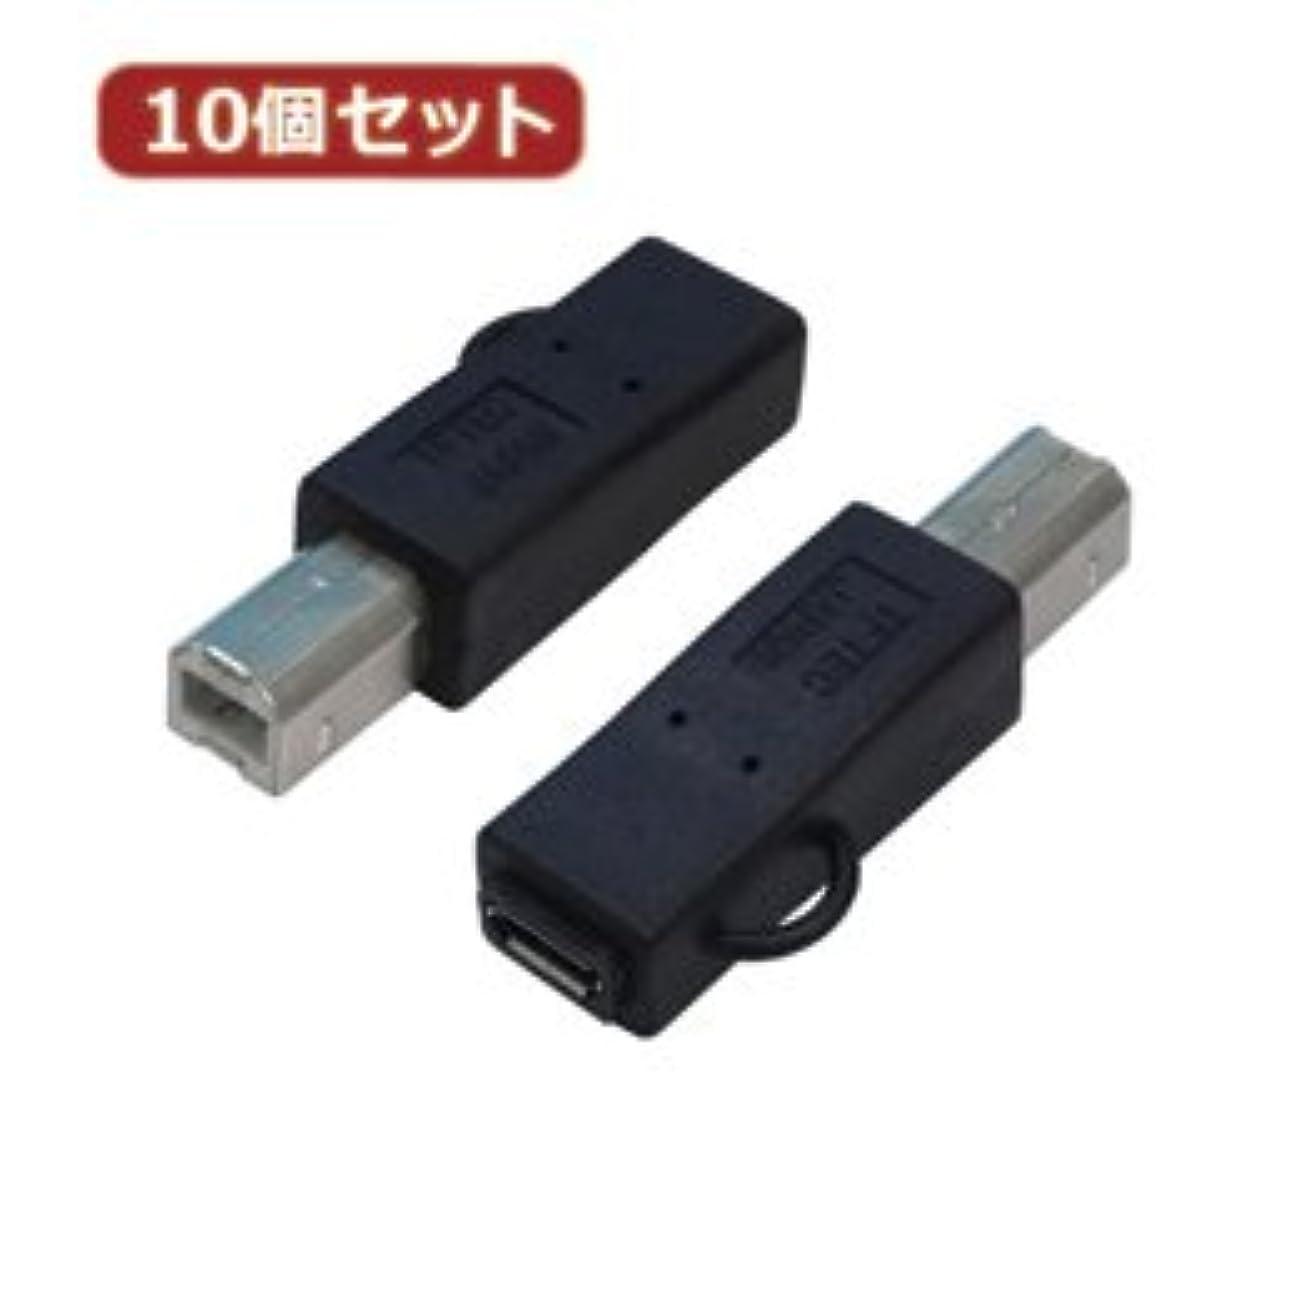 ハイランドガウン食べる【まとめ 5セット】 変換名人 10個セット 変換プラグ USB B(オス)→microUSB(メス) USBBA-MCBX10